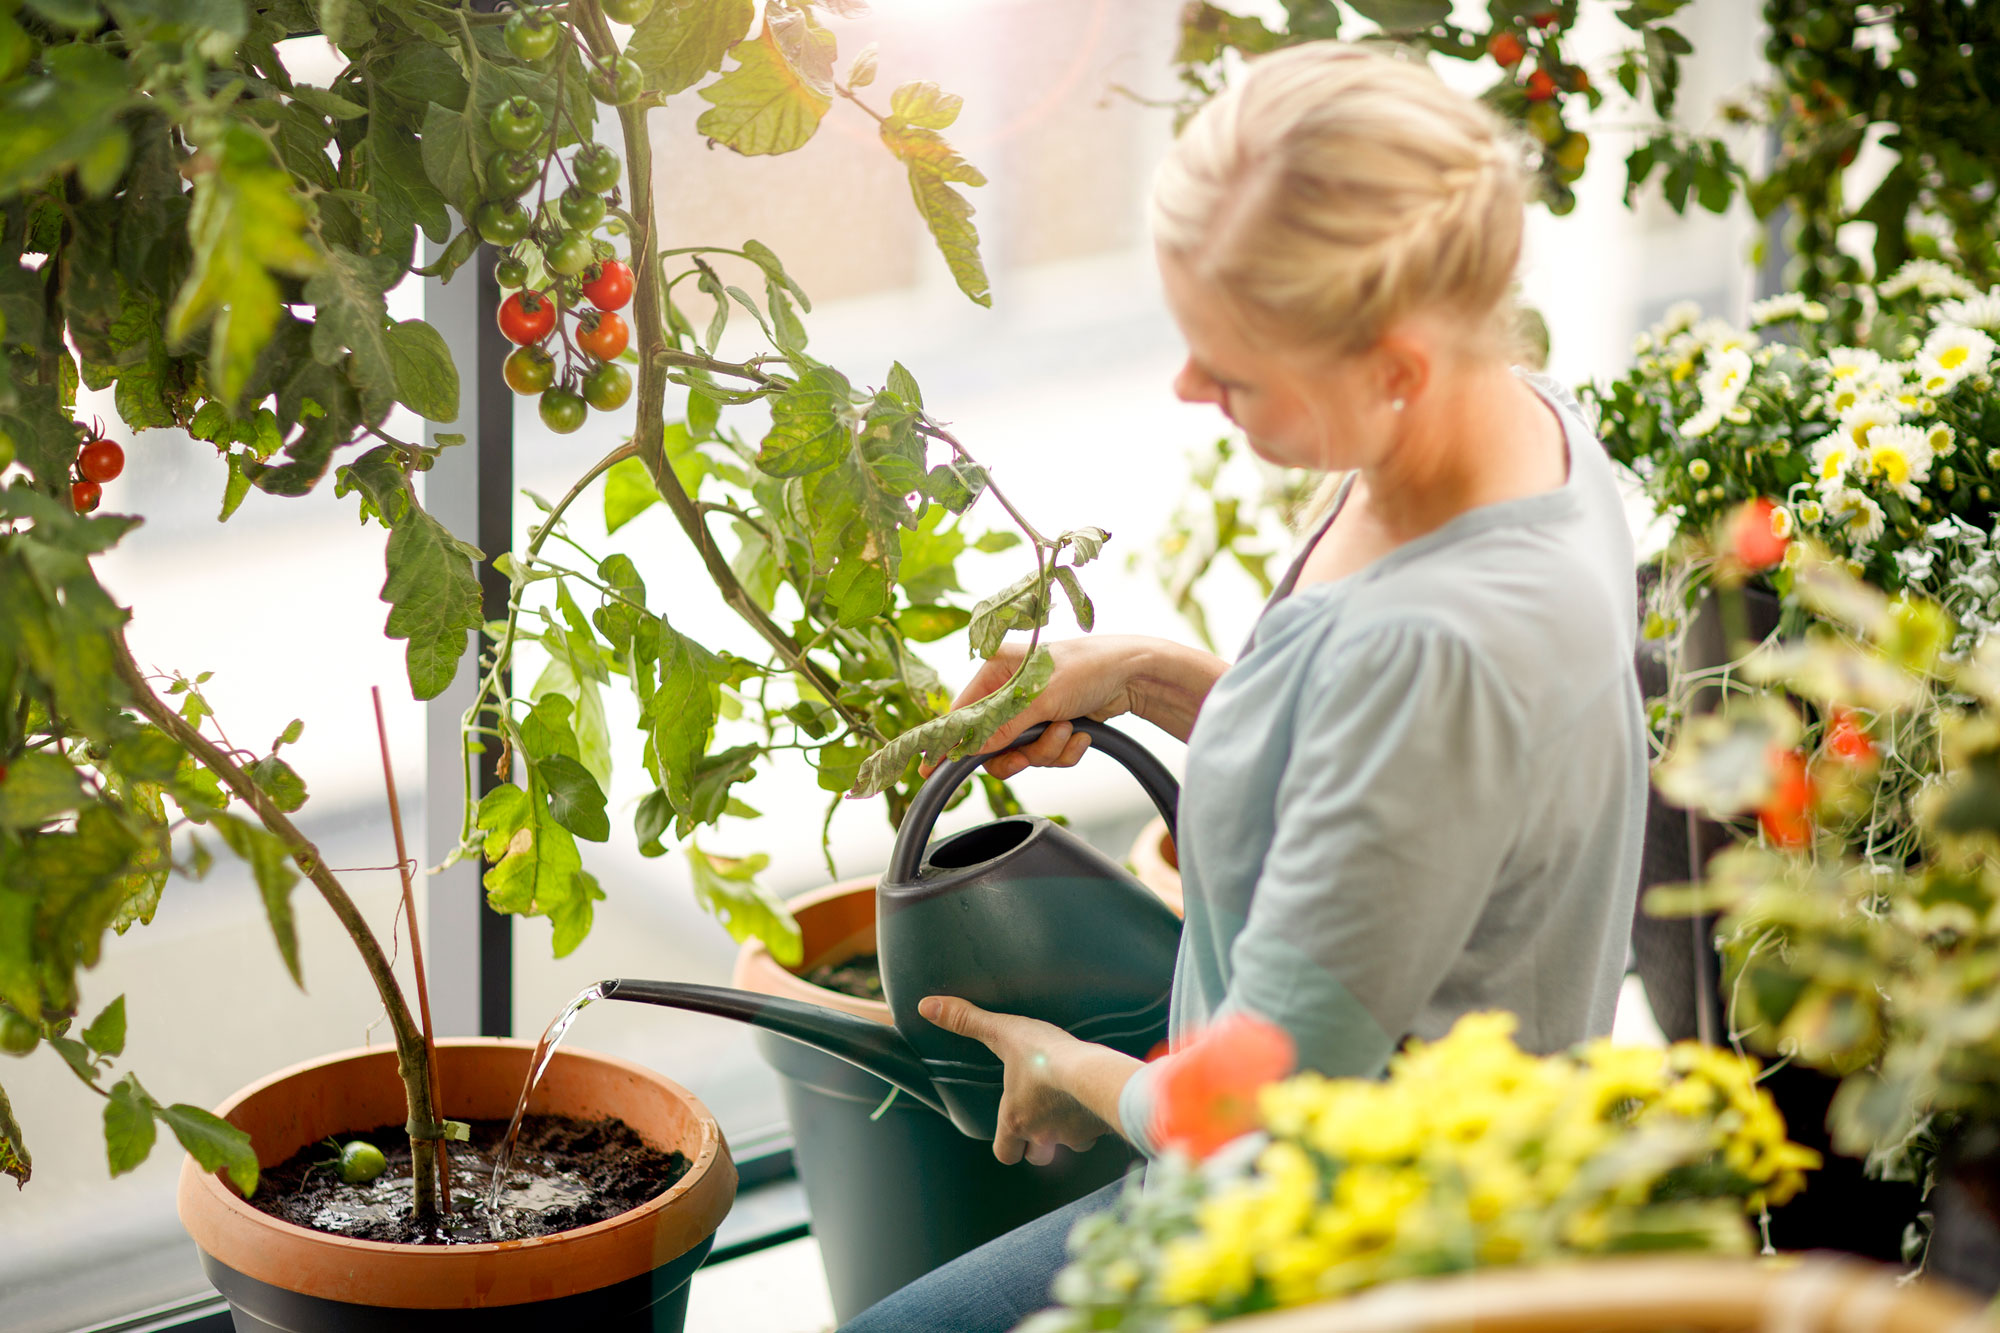 Kekkilä tomaattimulta tomaattien kasvatus parvekkeella